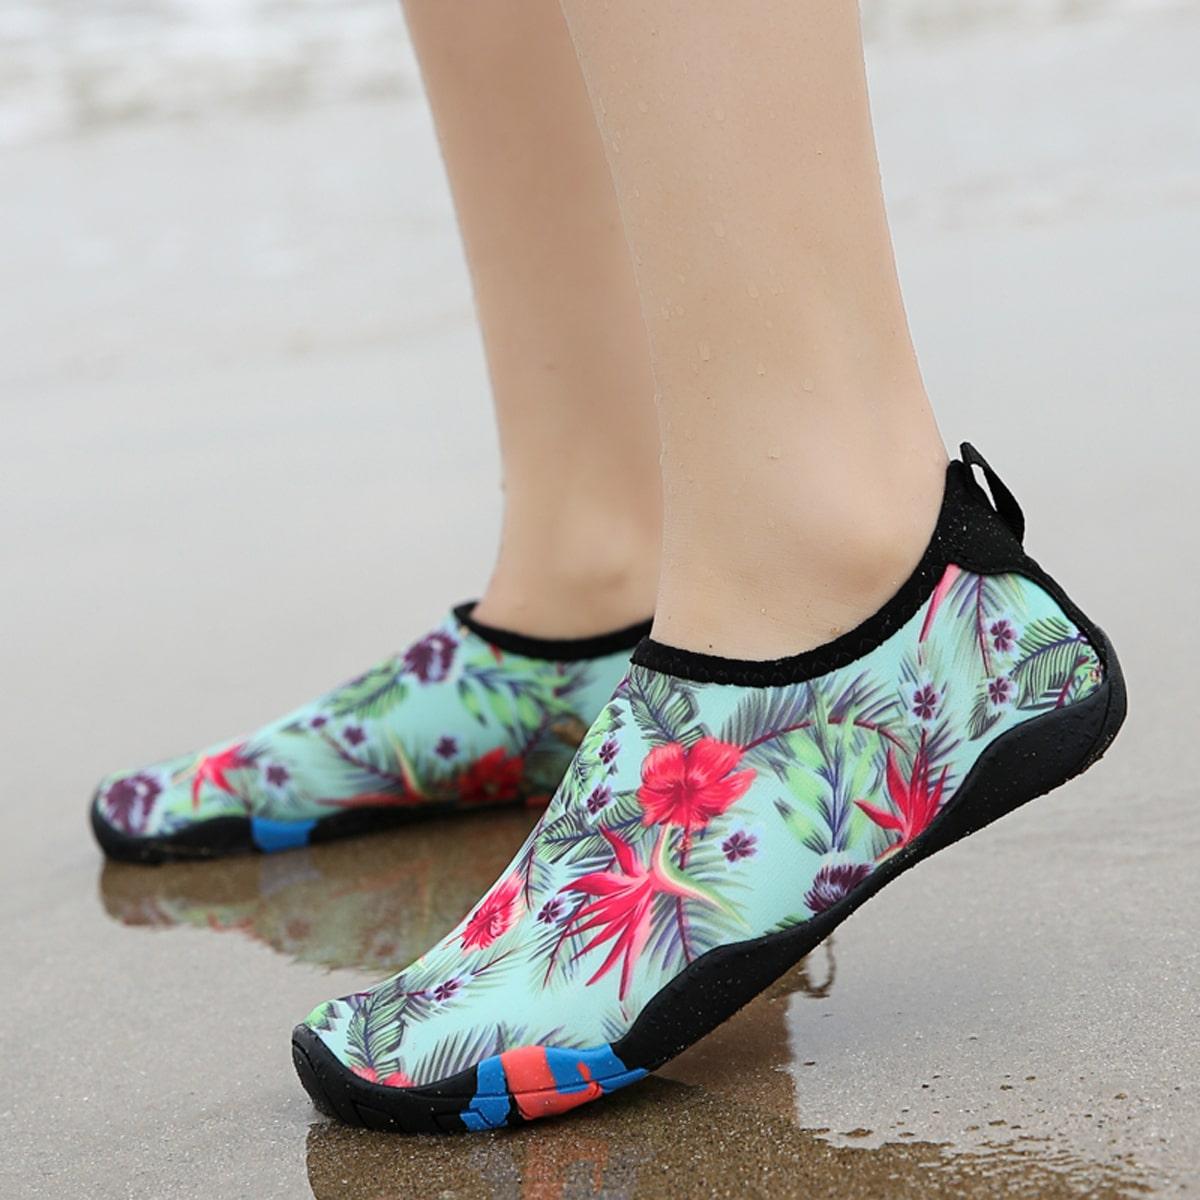 Воднык туфли с цветочным принтом для мальчиков от SHEIN